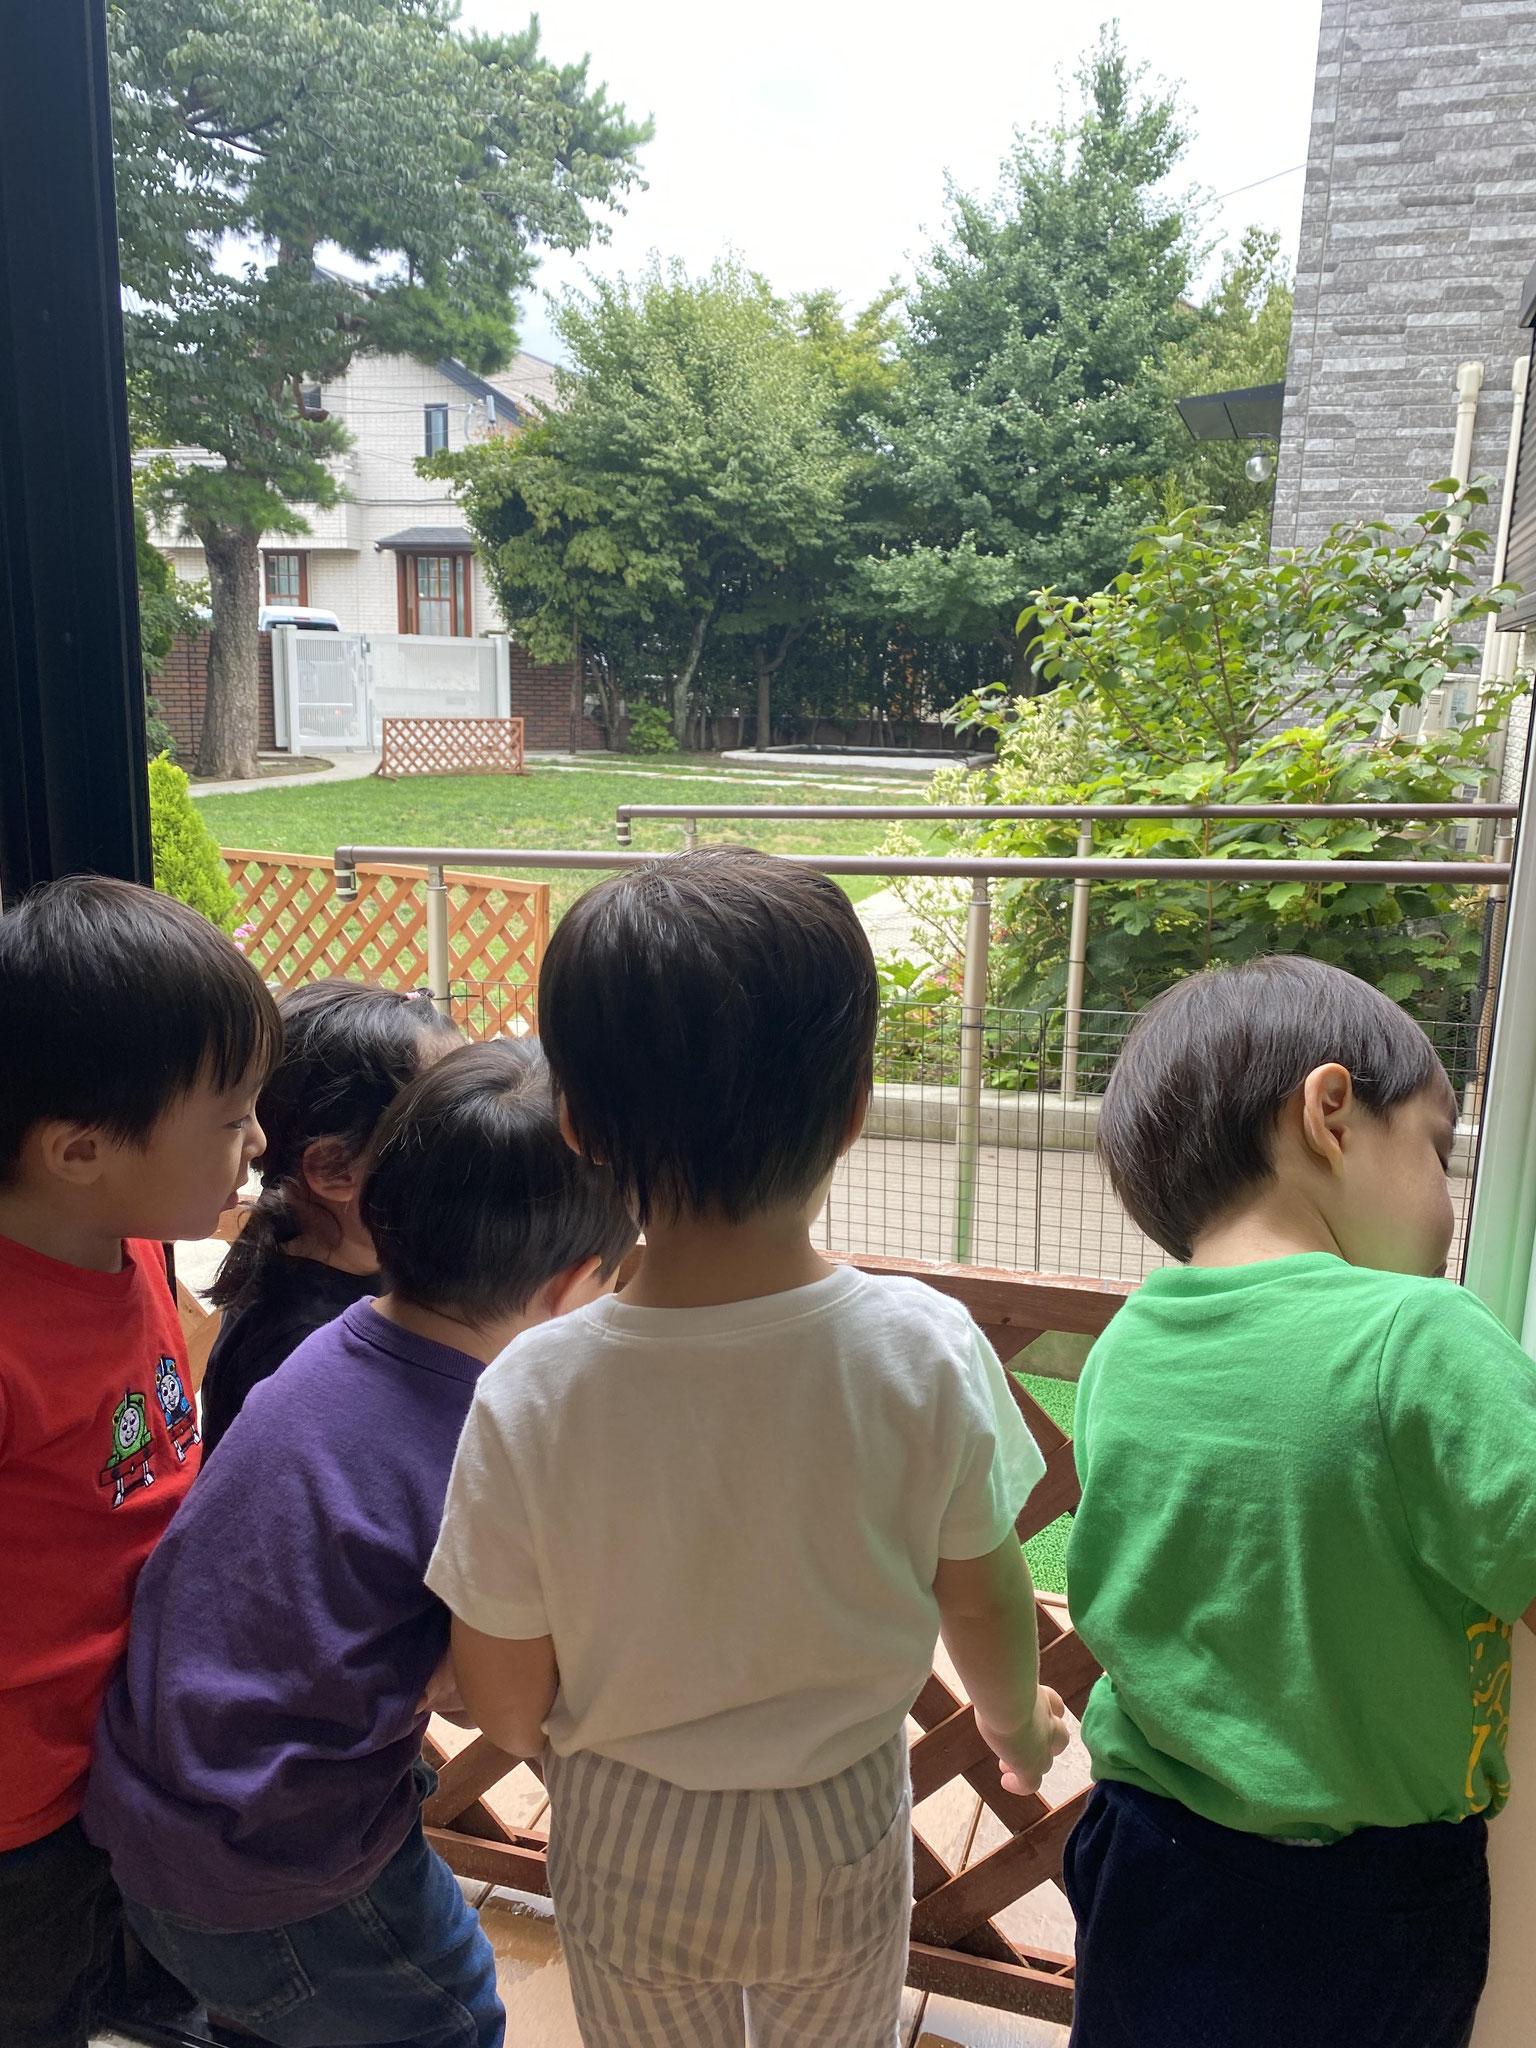 雨上がりの園庭のフェンスにみんなが興味津々です。。。何かな??